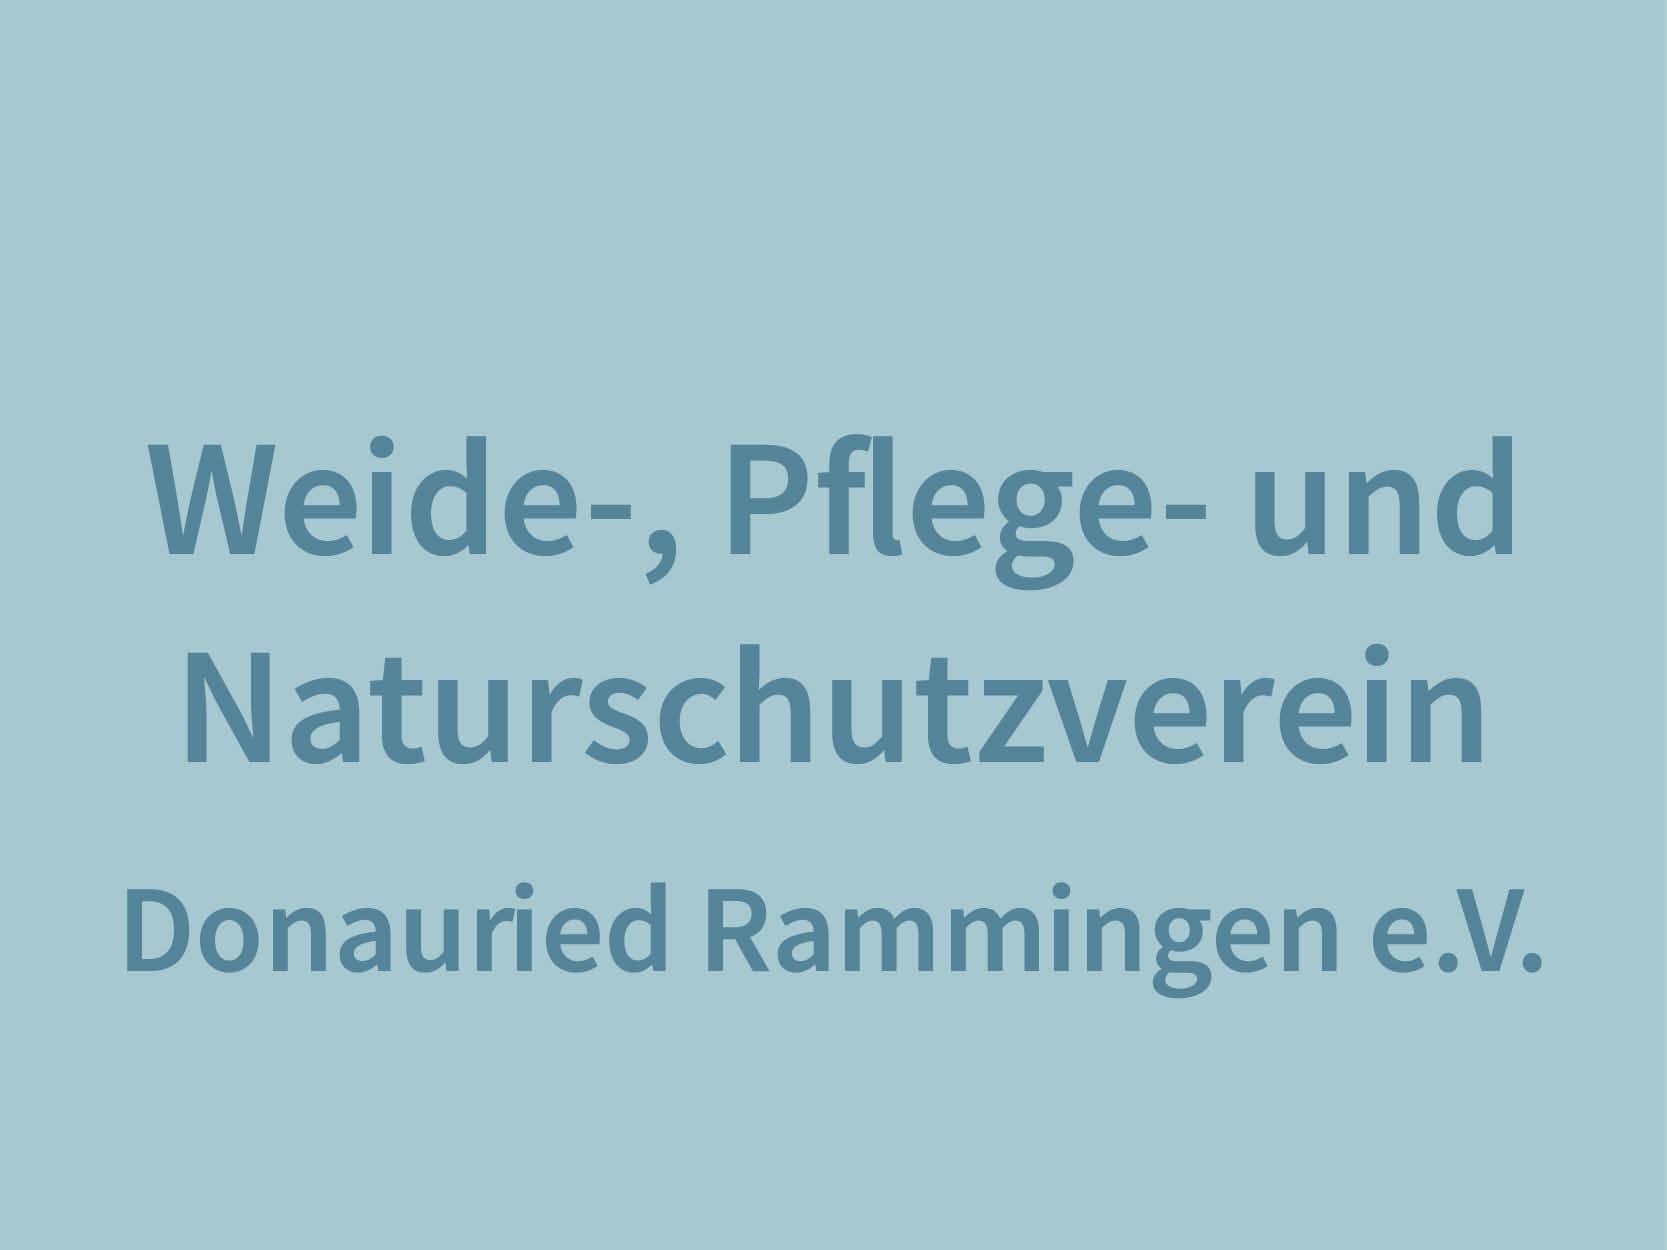 Weide-, Pflege und Naturschutzverein Donauried Rammingen e.V.